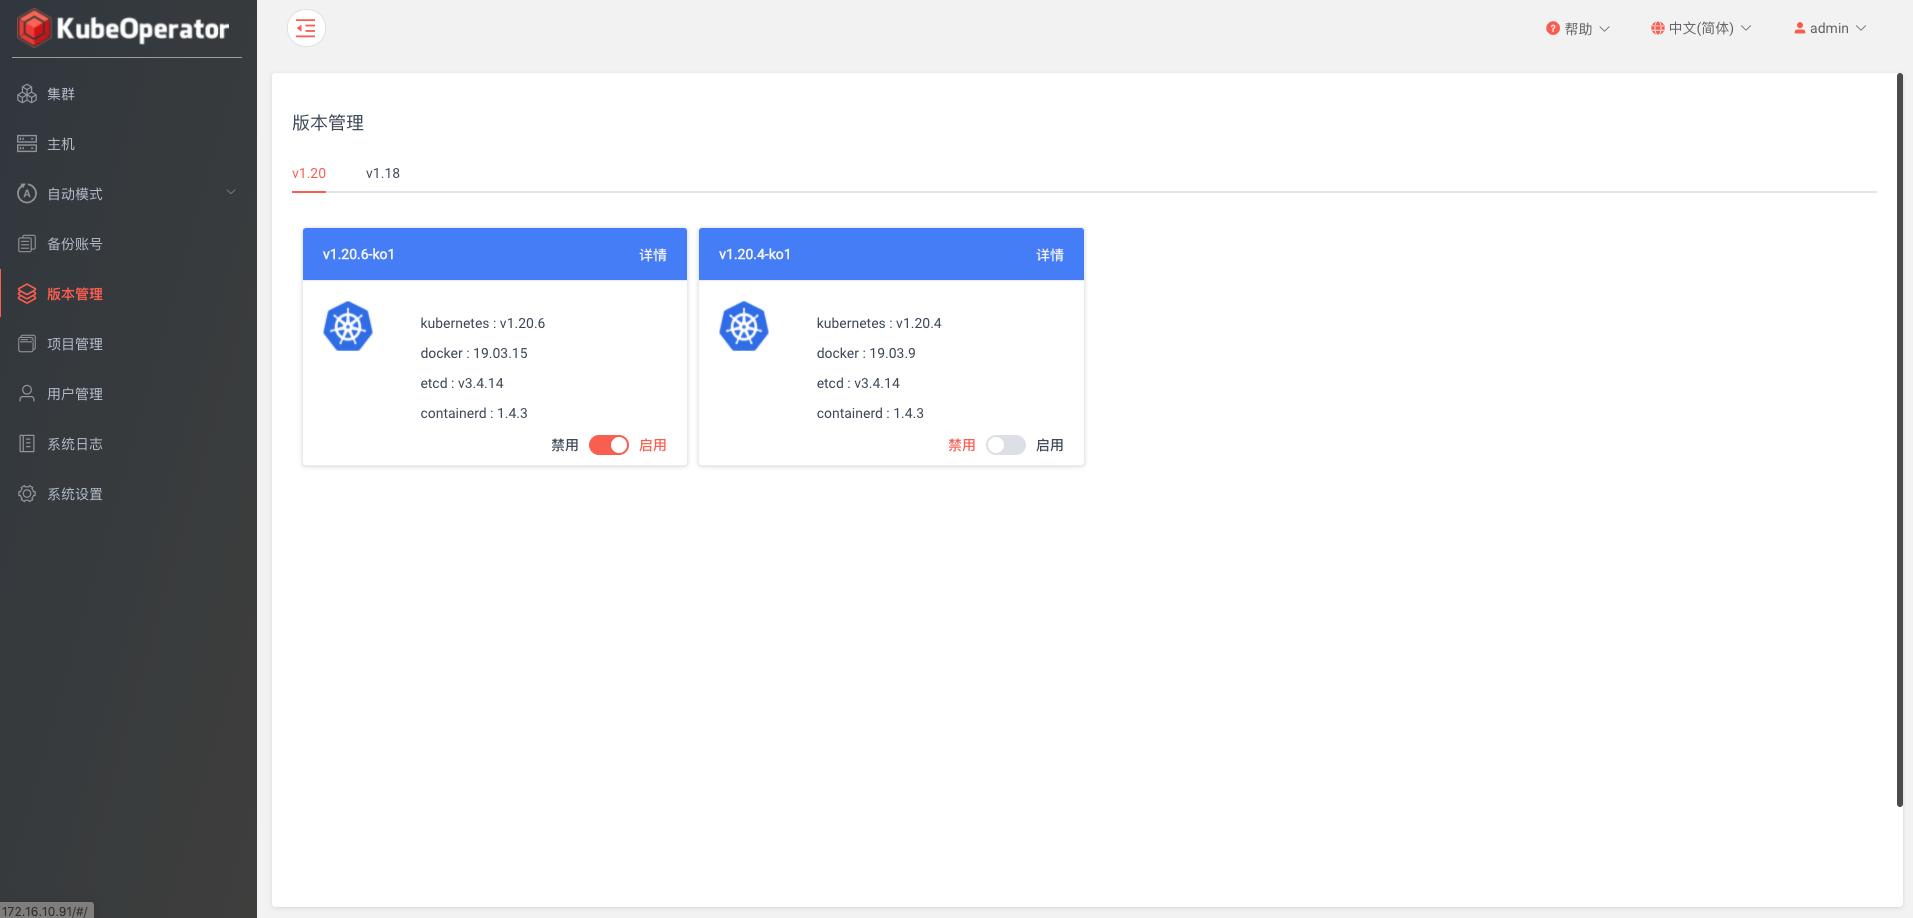 自定义日志级别和输出方式,KubeOperator开源容器平台 v3.8.0发布